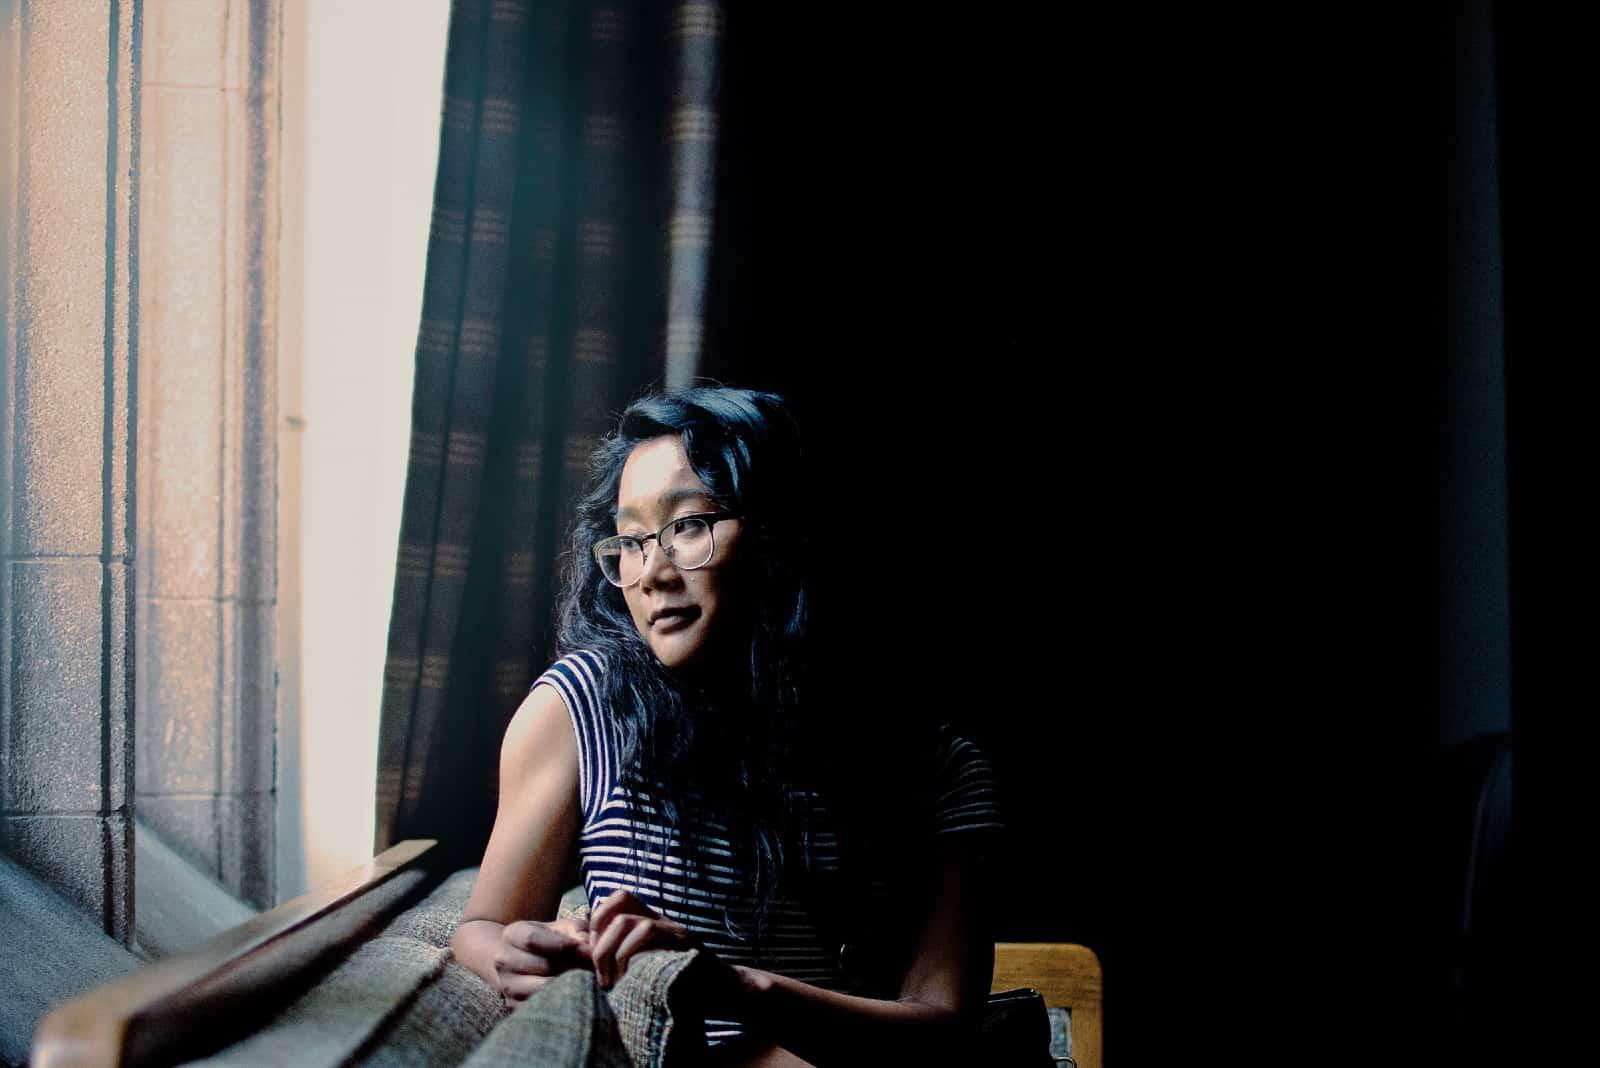 Femme pensive en haut rayé assis sur un canapé